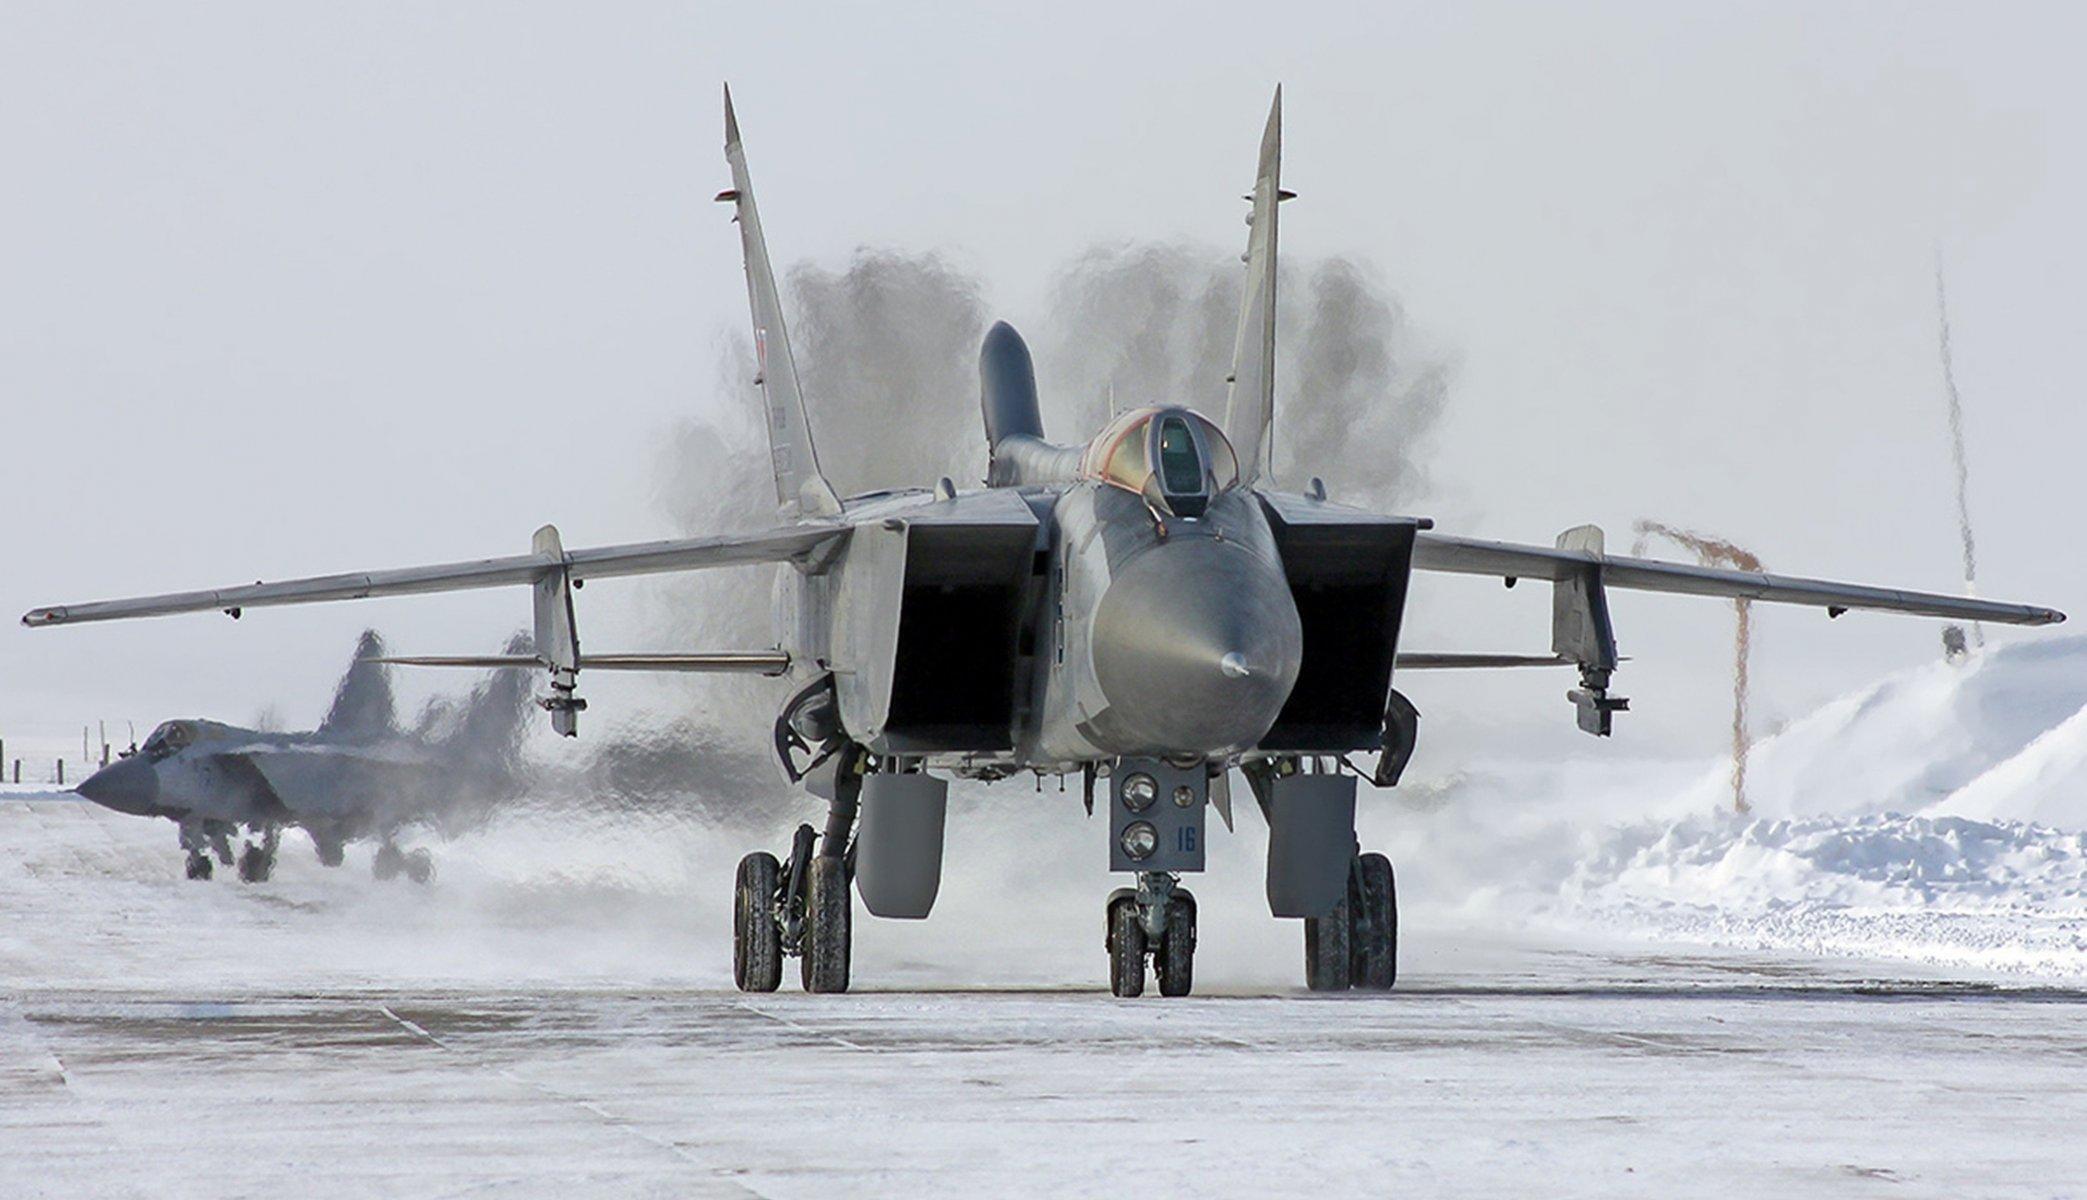 Обои миг-31, ввс, Микоян и гуревич, перехватчик, истребитель. Авиация foto 12